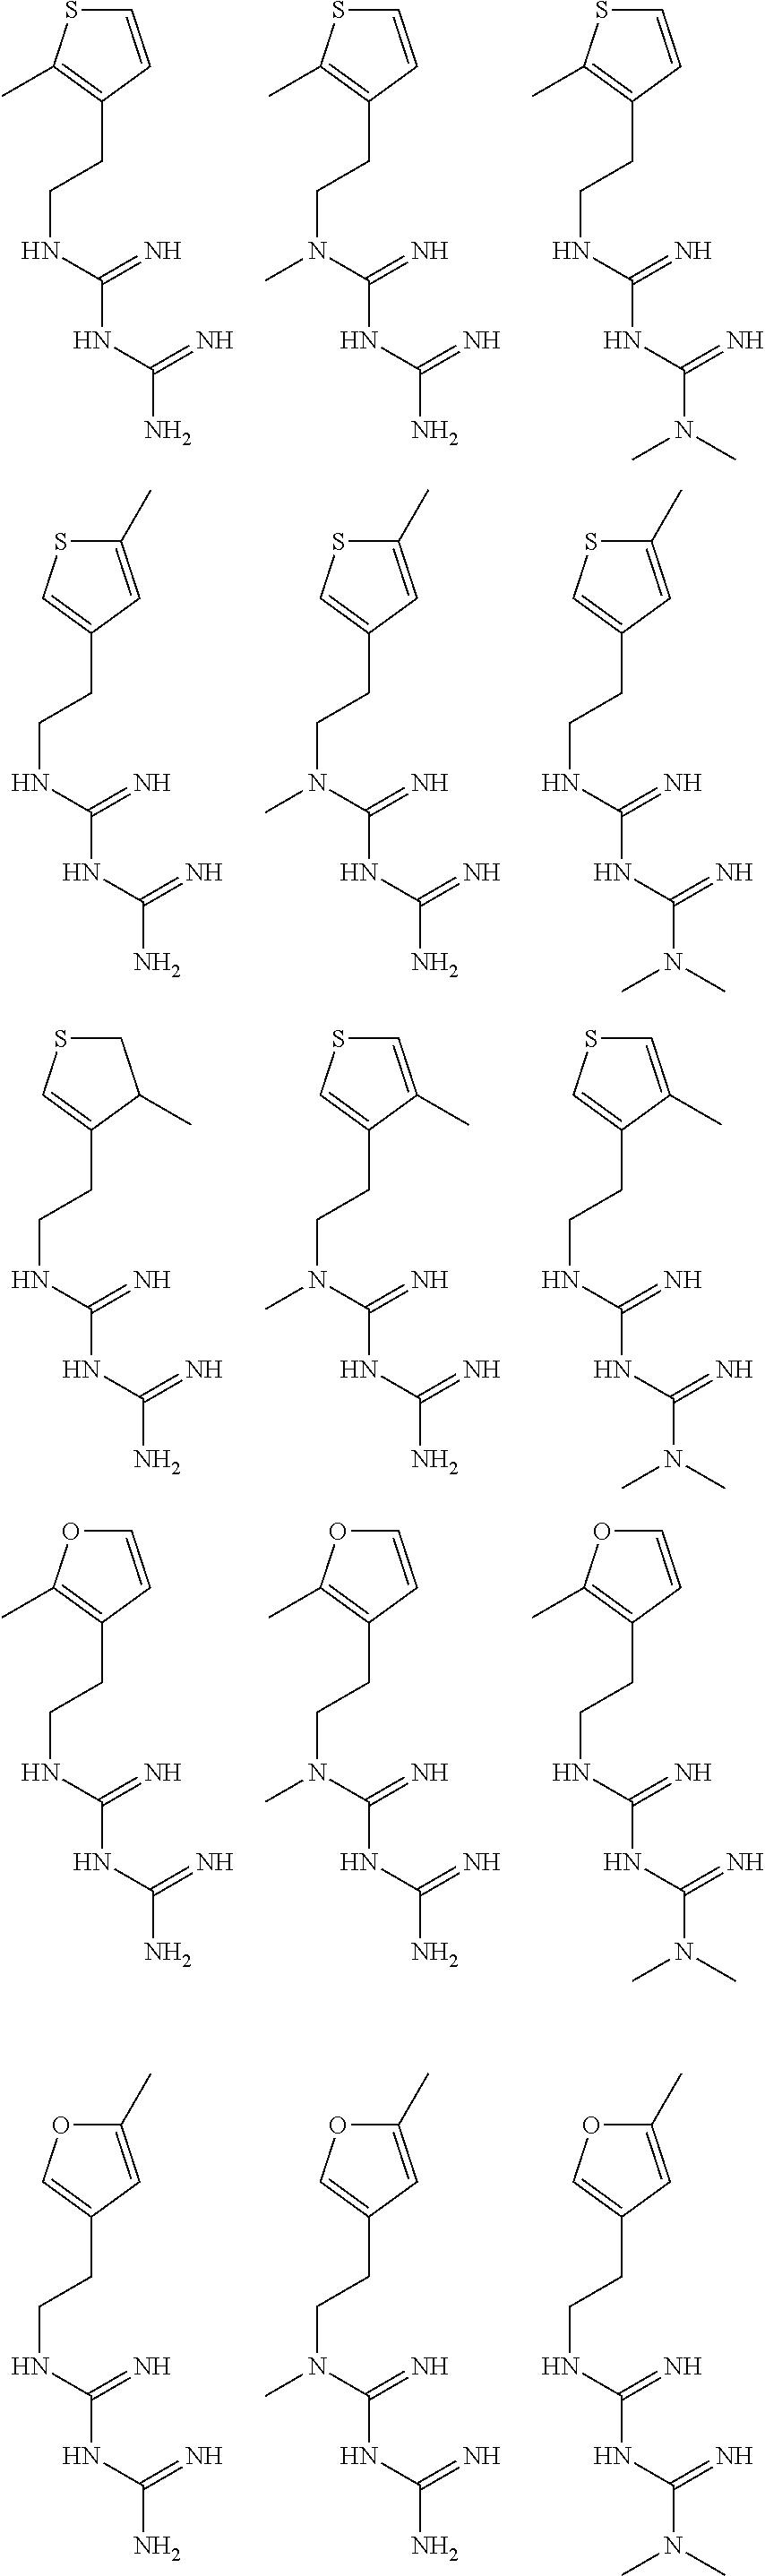 Figure US09480663-20161101-C00046